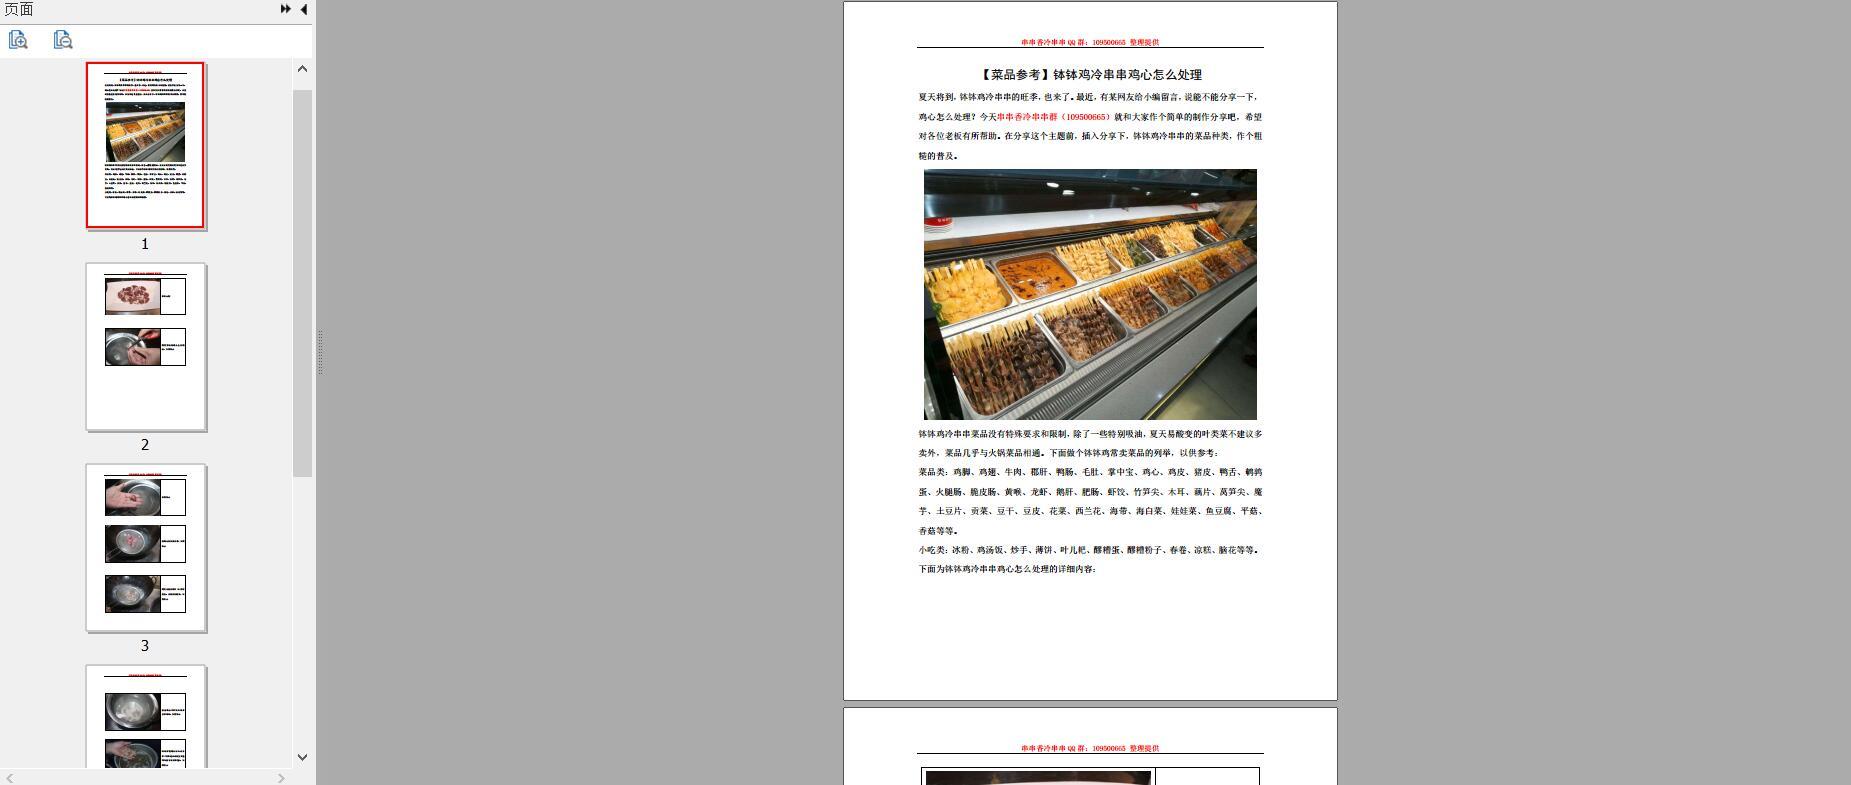 串串开店技术资料截图A.jpg